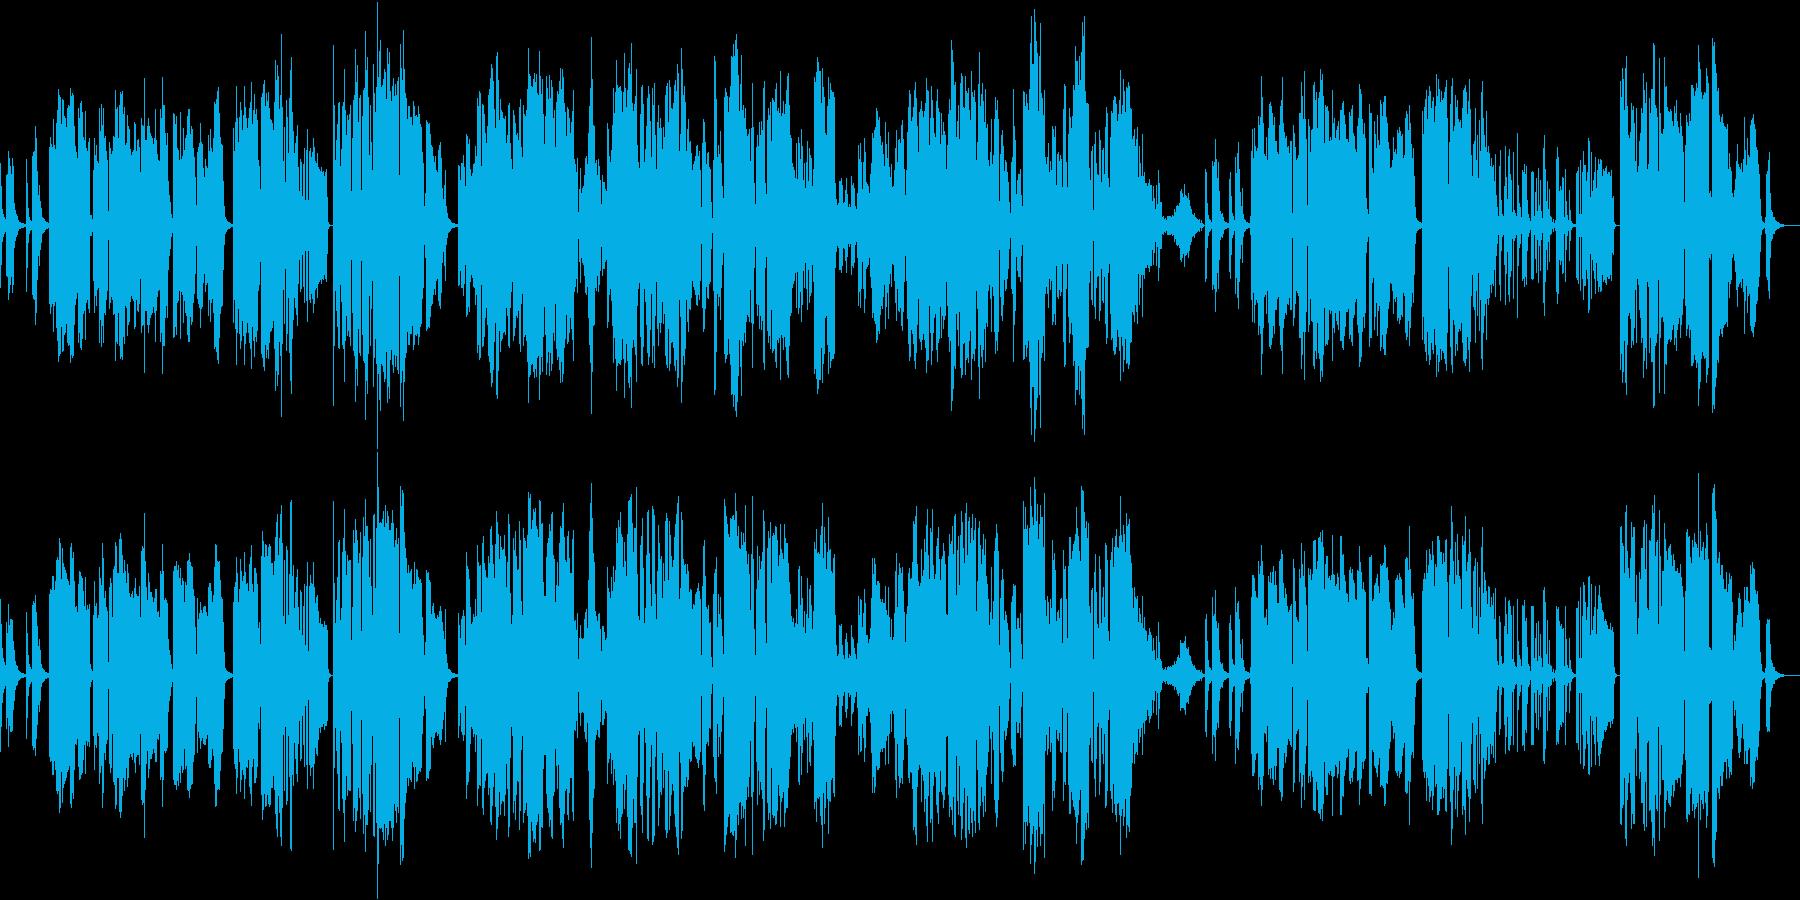 宮城道雄作曲の箏と尺八の二重奏の再生済みの波形